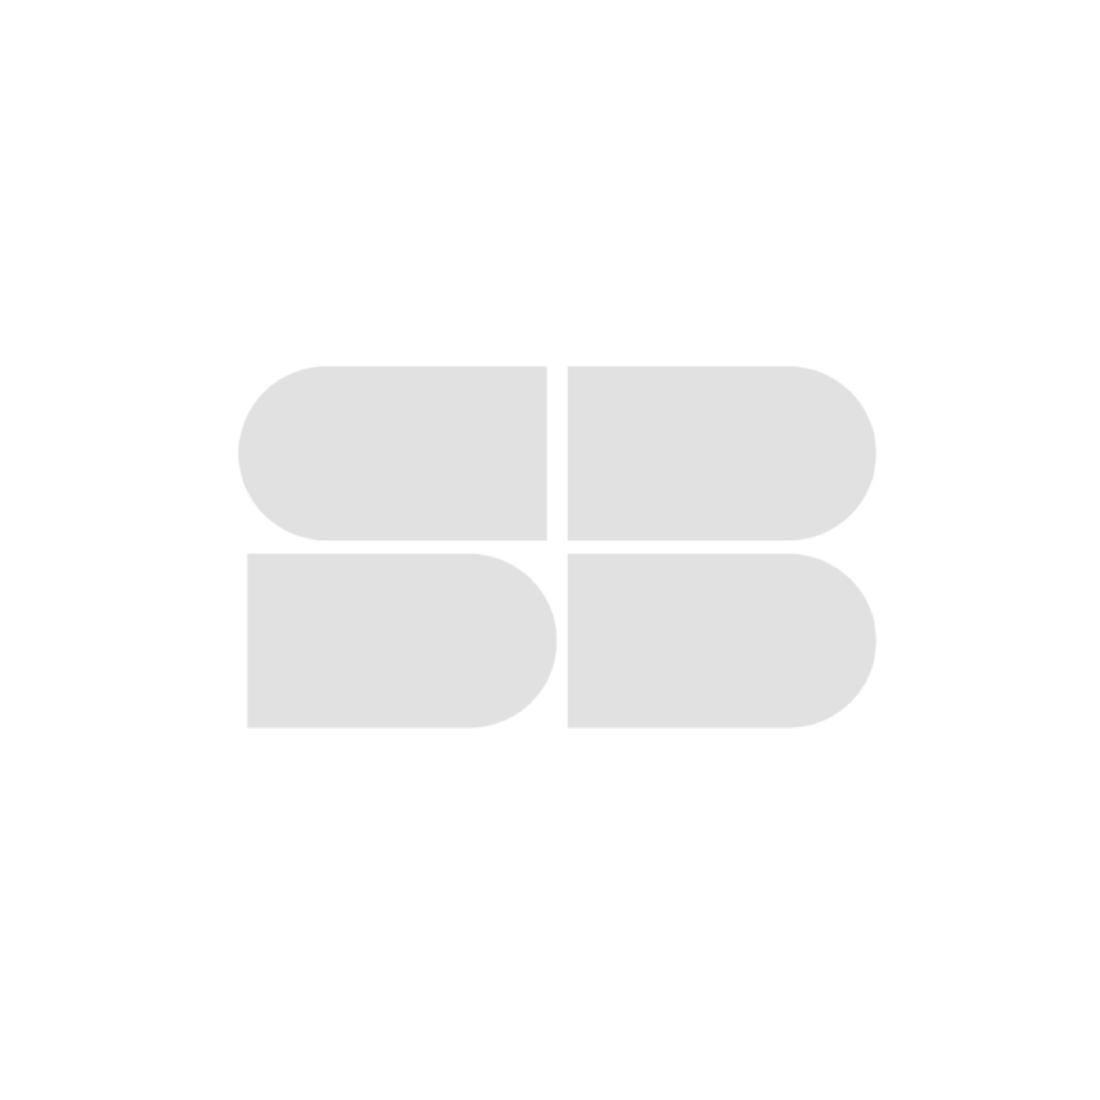 39013181-mattress-bedding-mattresses-foam-mattresses-31